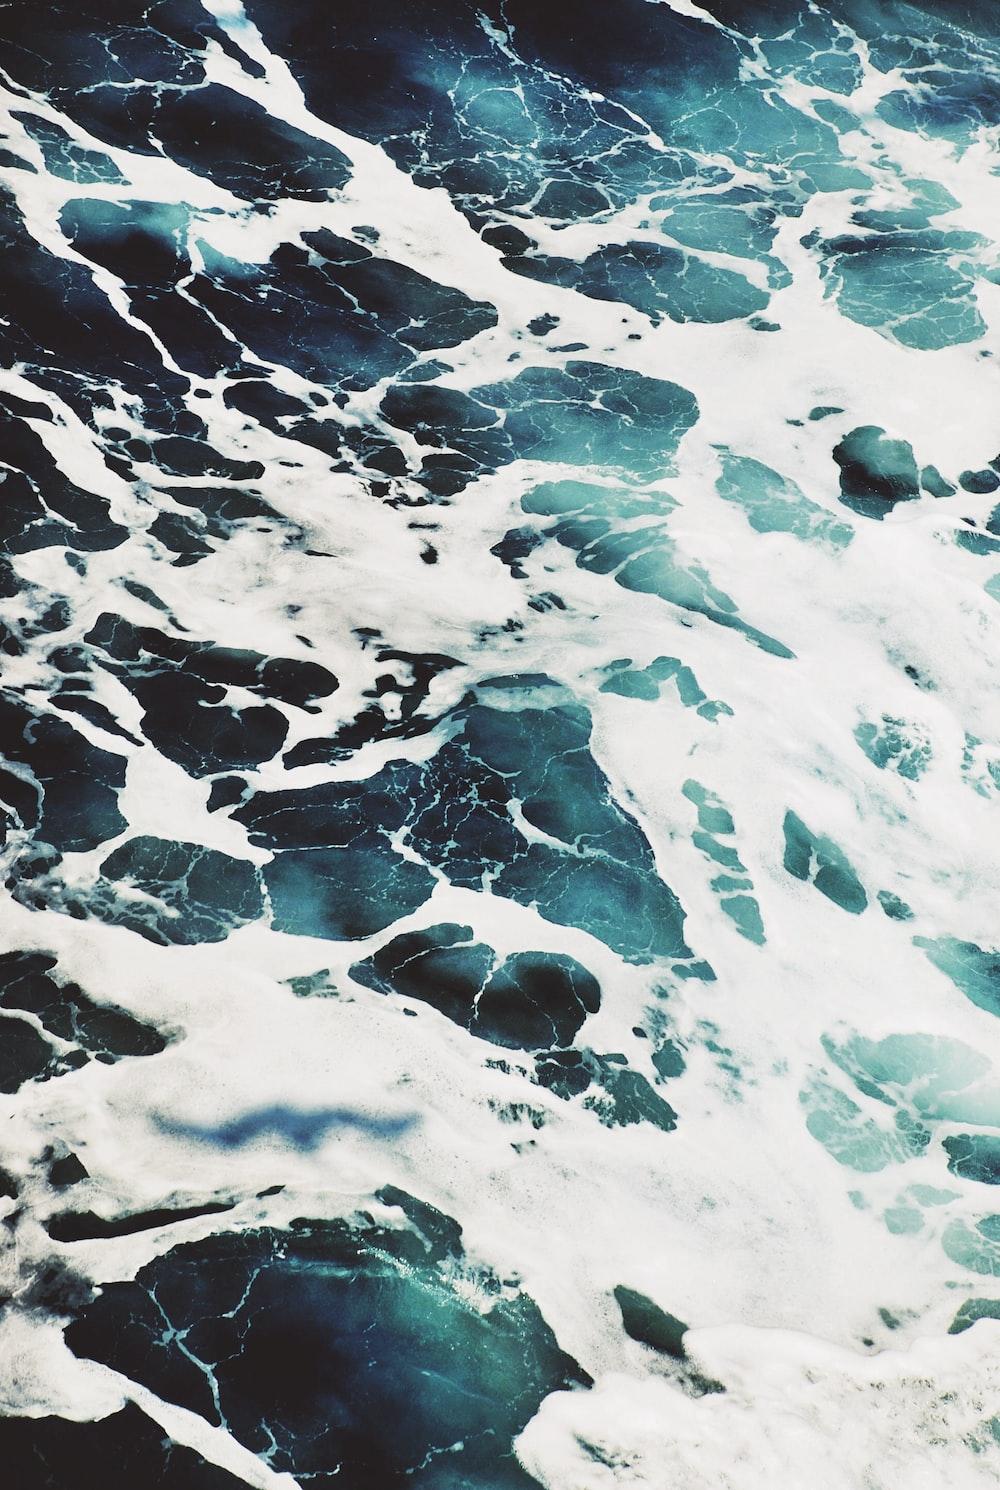 Seascape of the ocean foam